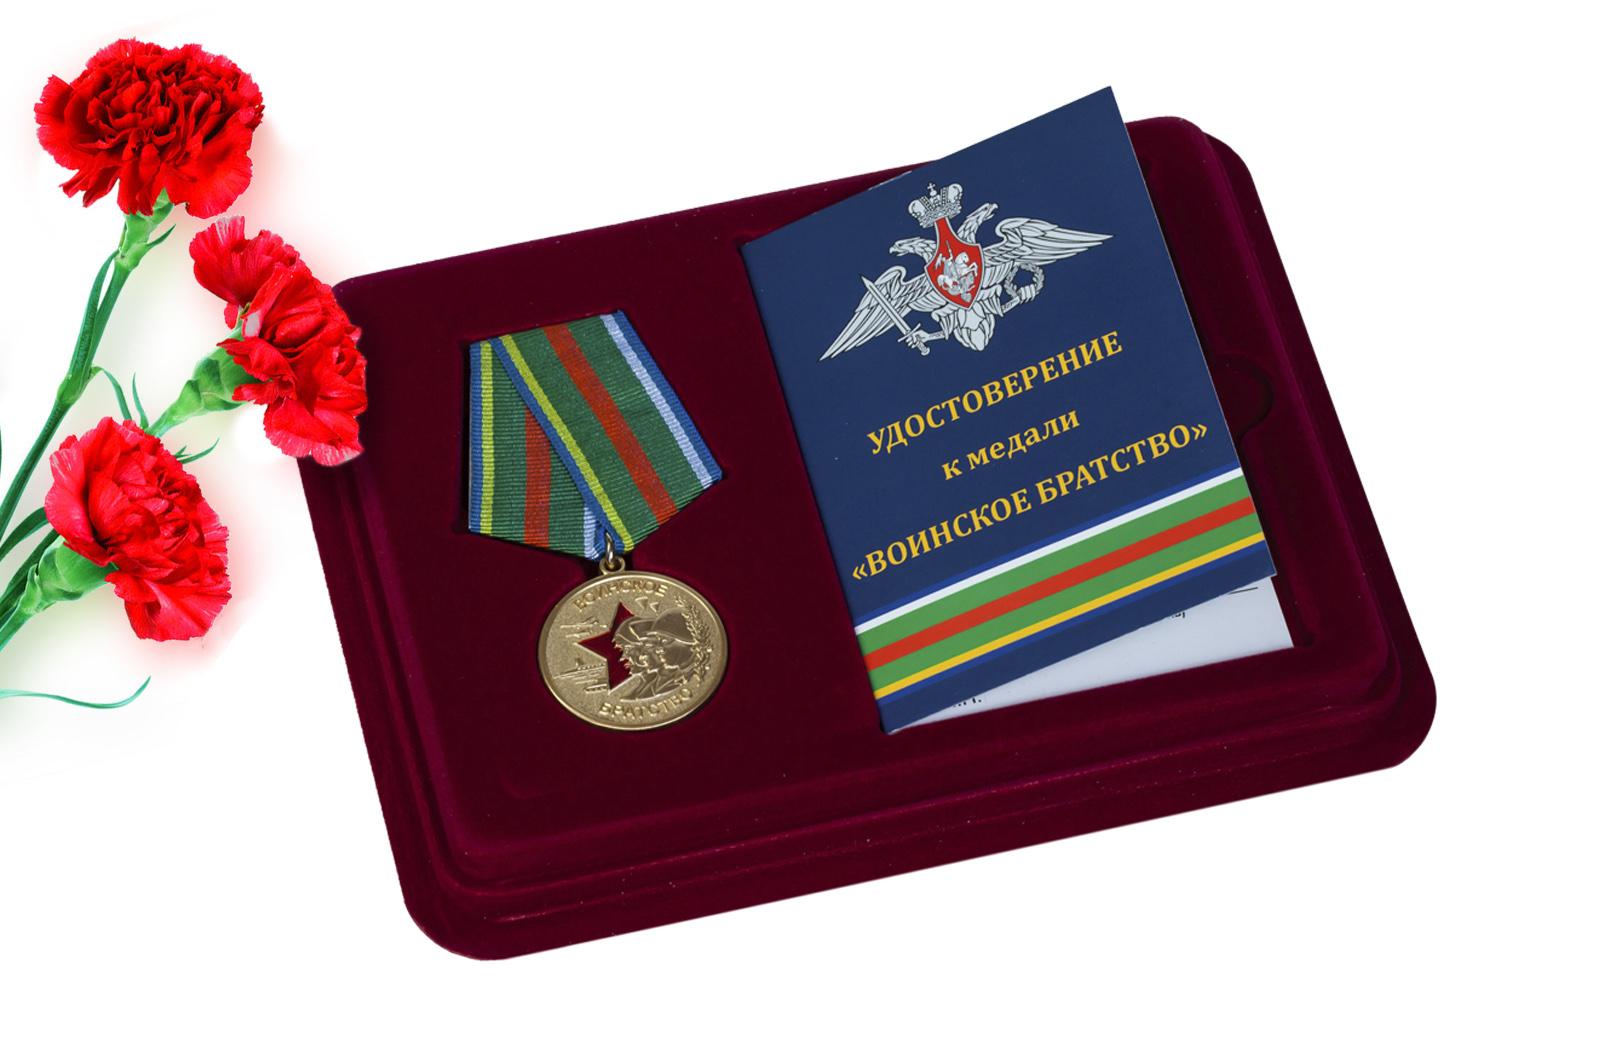 Купить общественную медаль Воинское братство в подарок мужчине